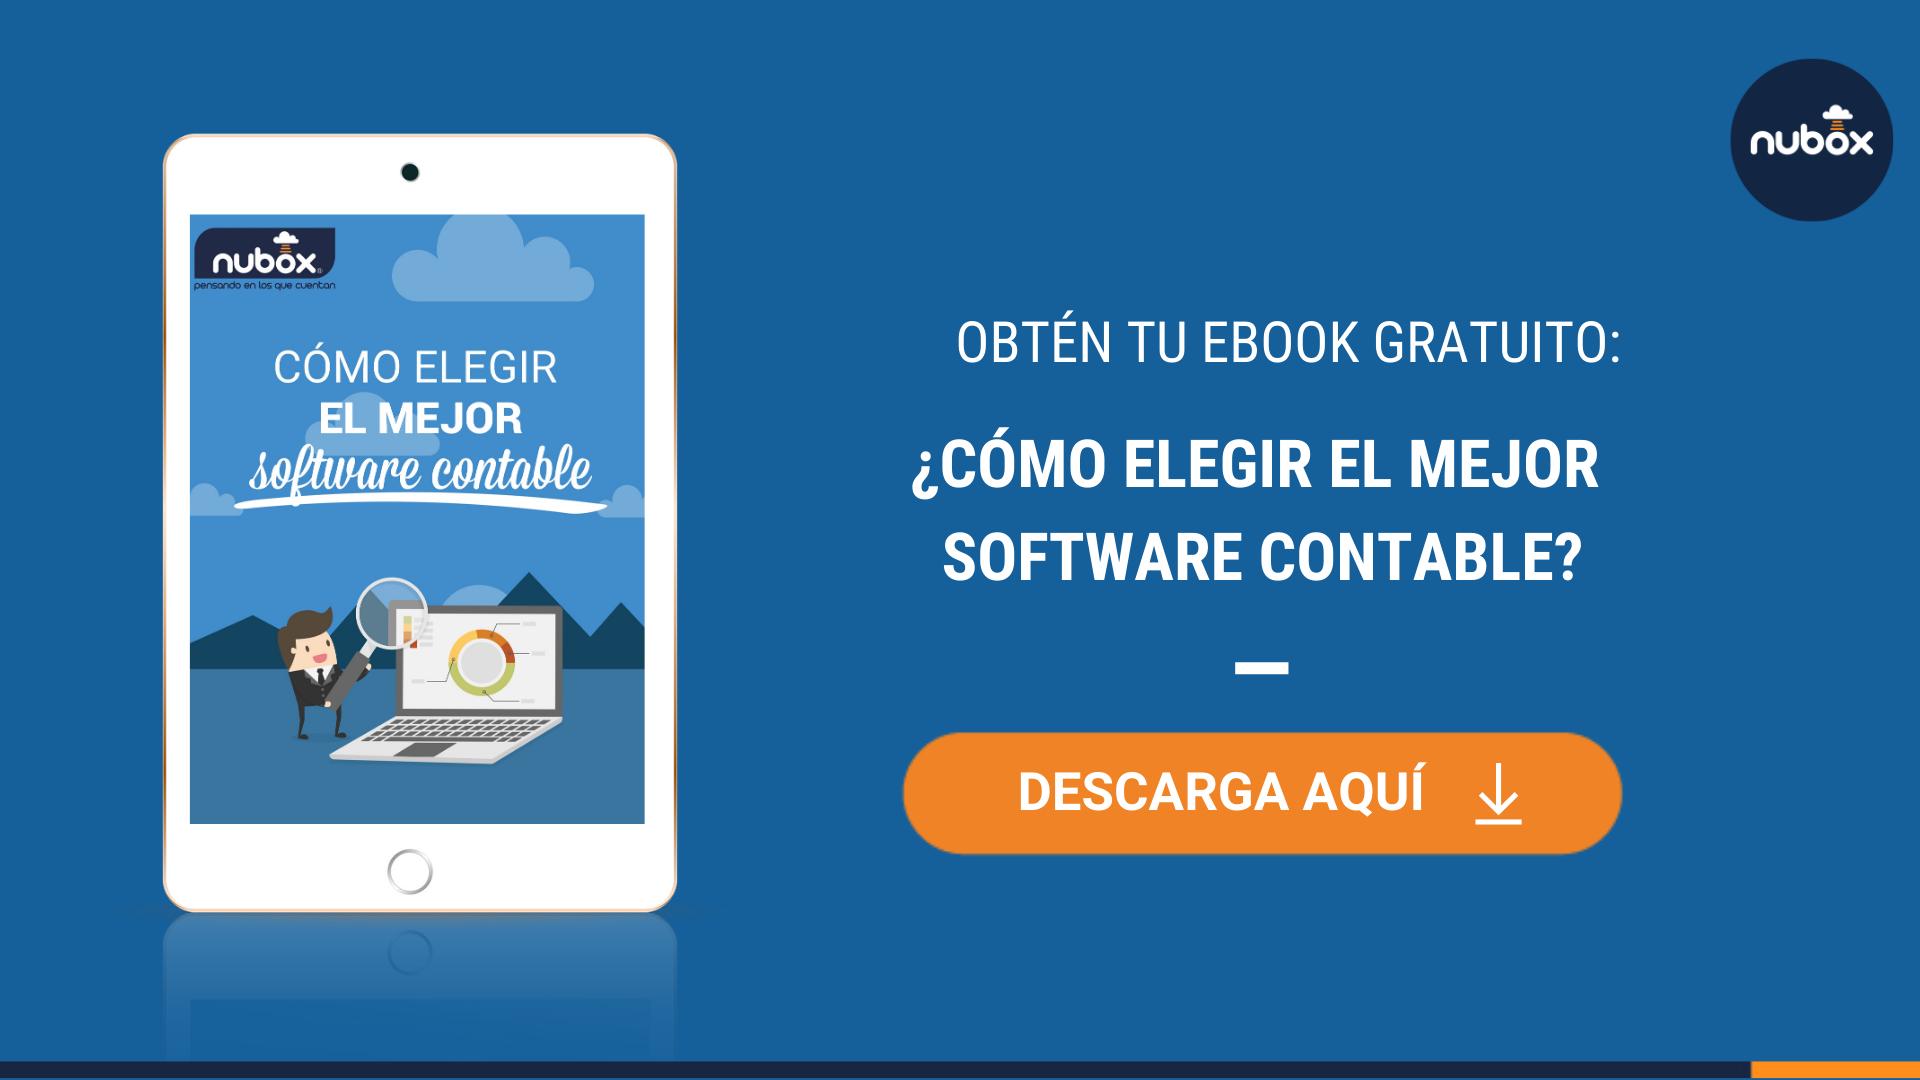 [Ebook Gratuito] ¿Cómo elegir el mejor software contable?